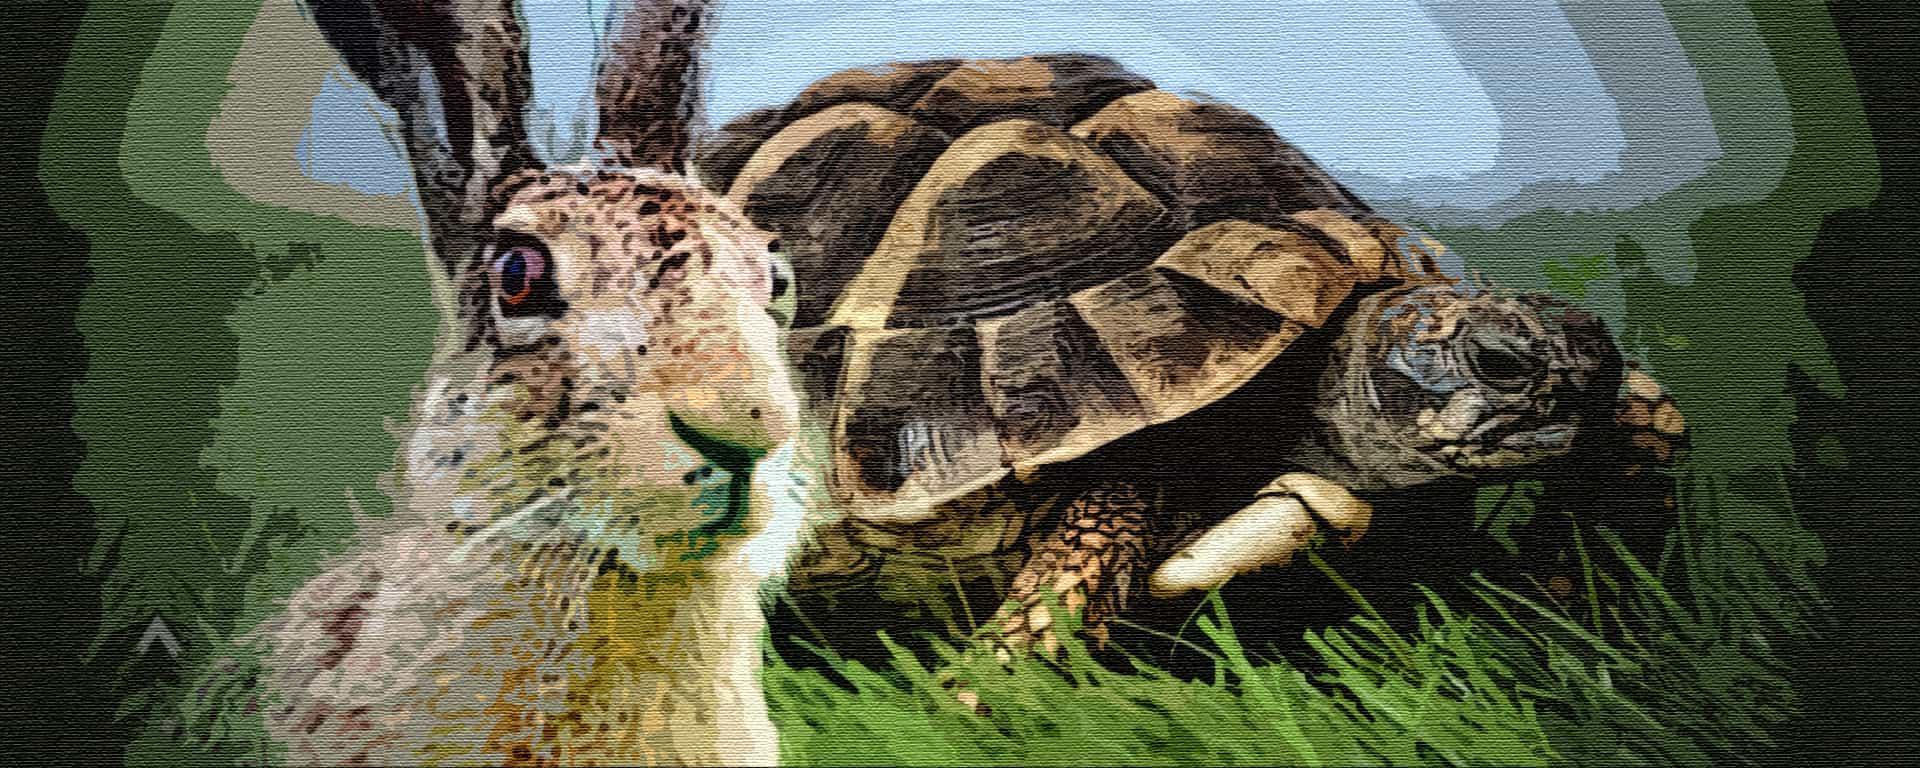 Qvator   Заяц и черепаха